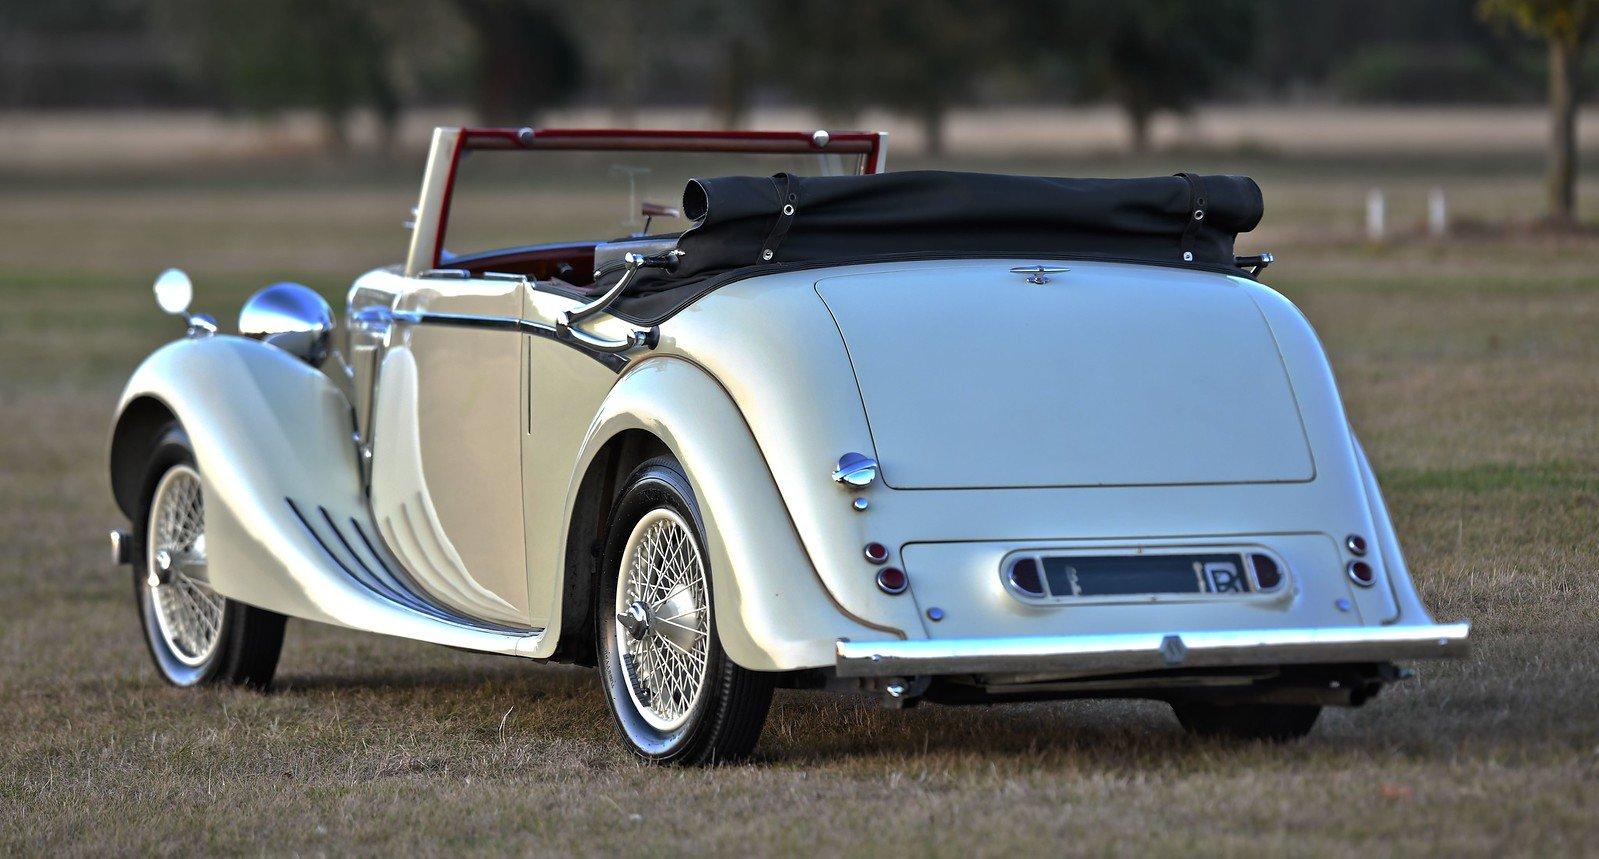 1939 Jaguar SS 1 ½ Litre Drophead Coupe For Sale (picture 3 of 6)